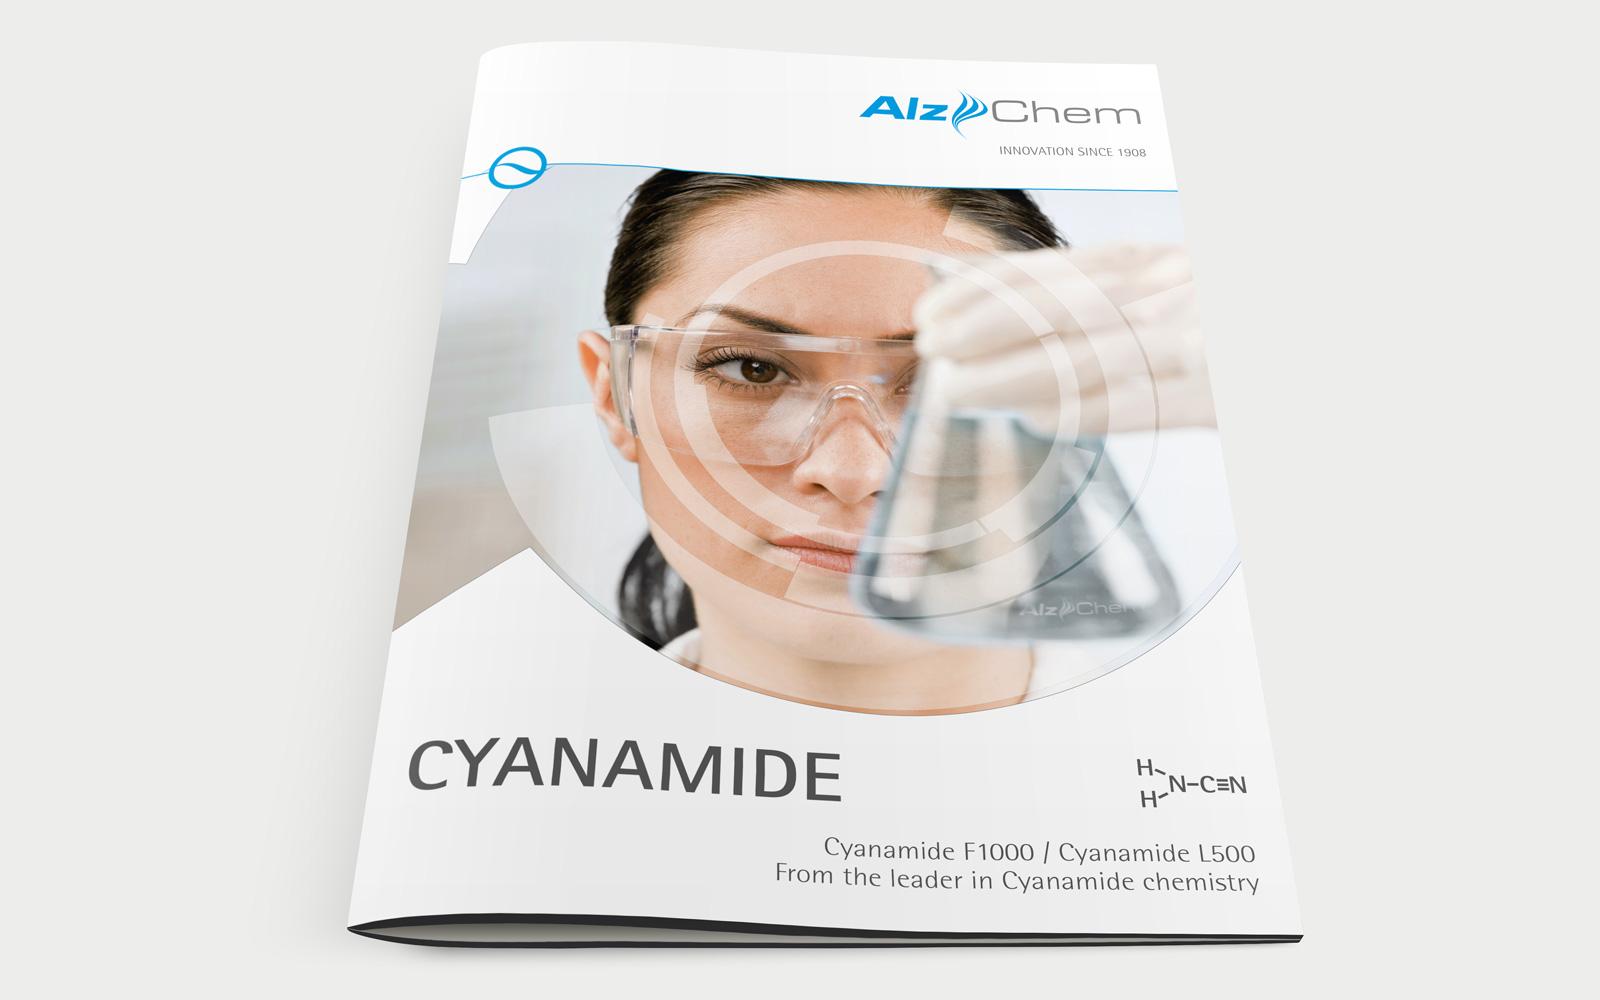 AlzChem Broschüre Cover